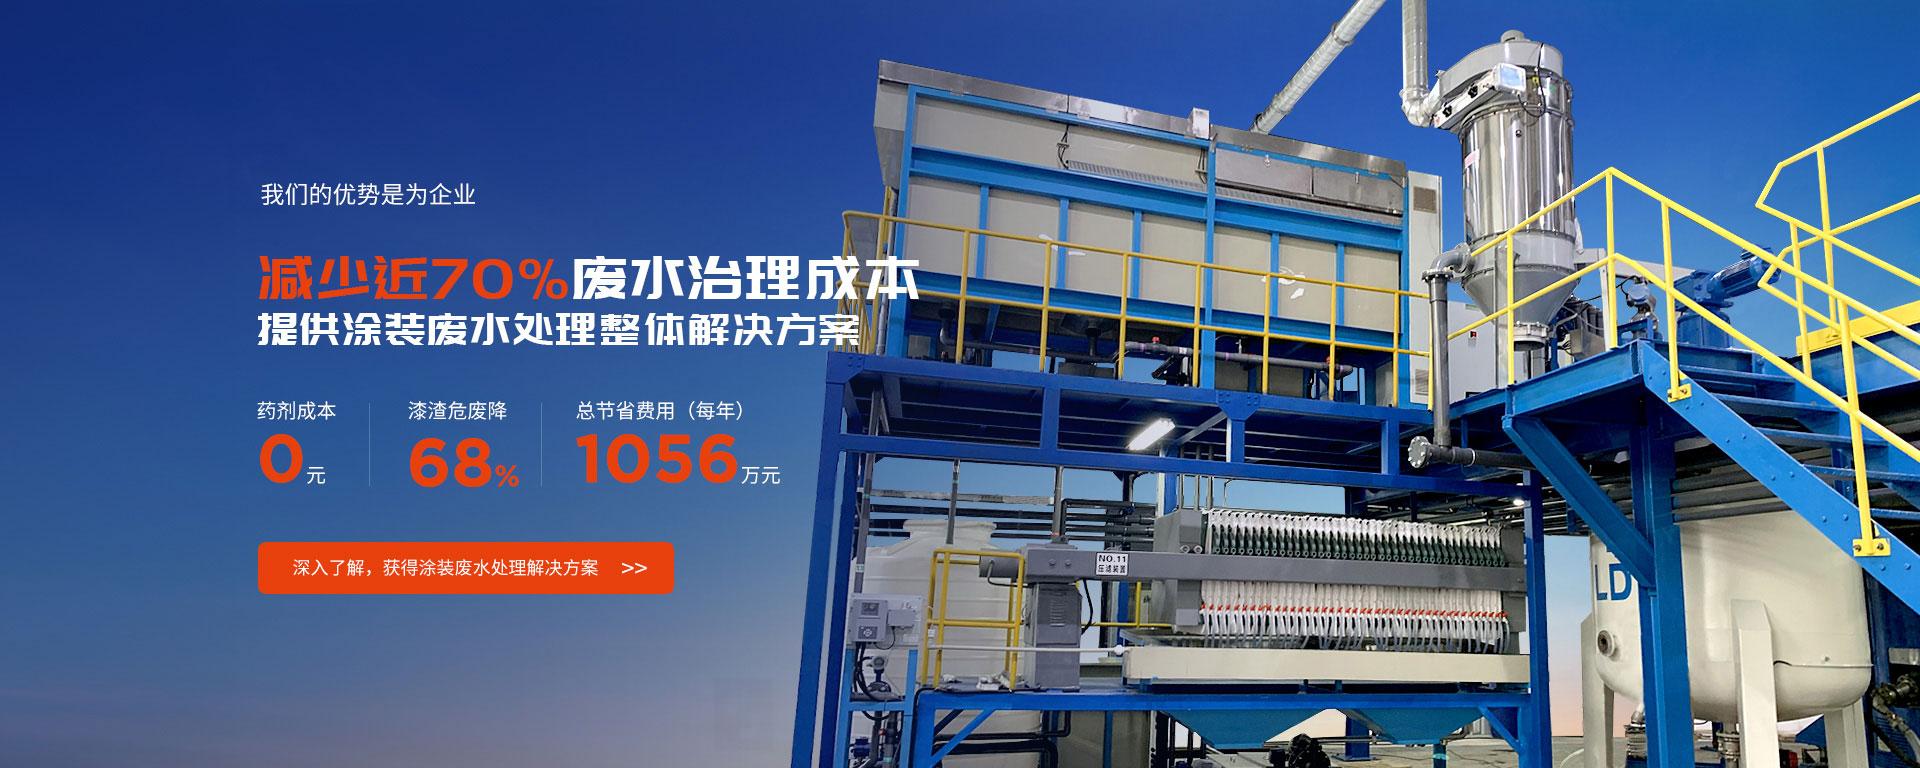 京上环保提供涂装废水处理整体解决方案